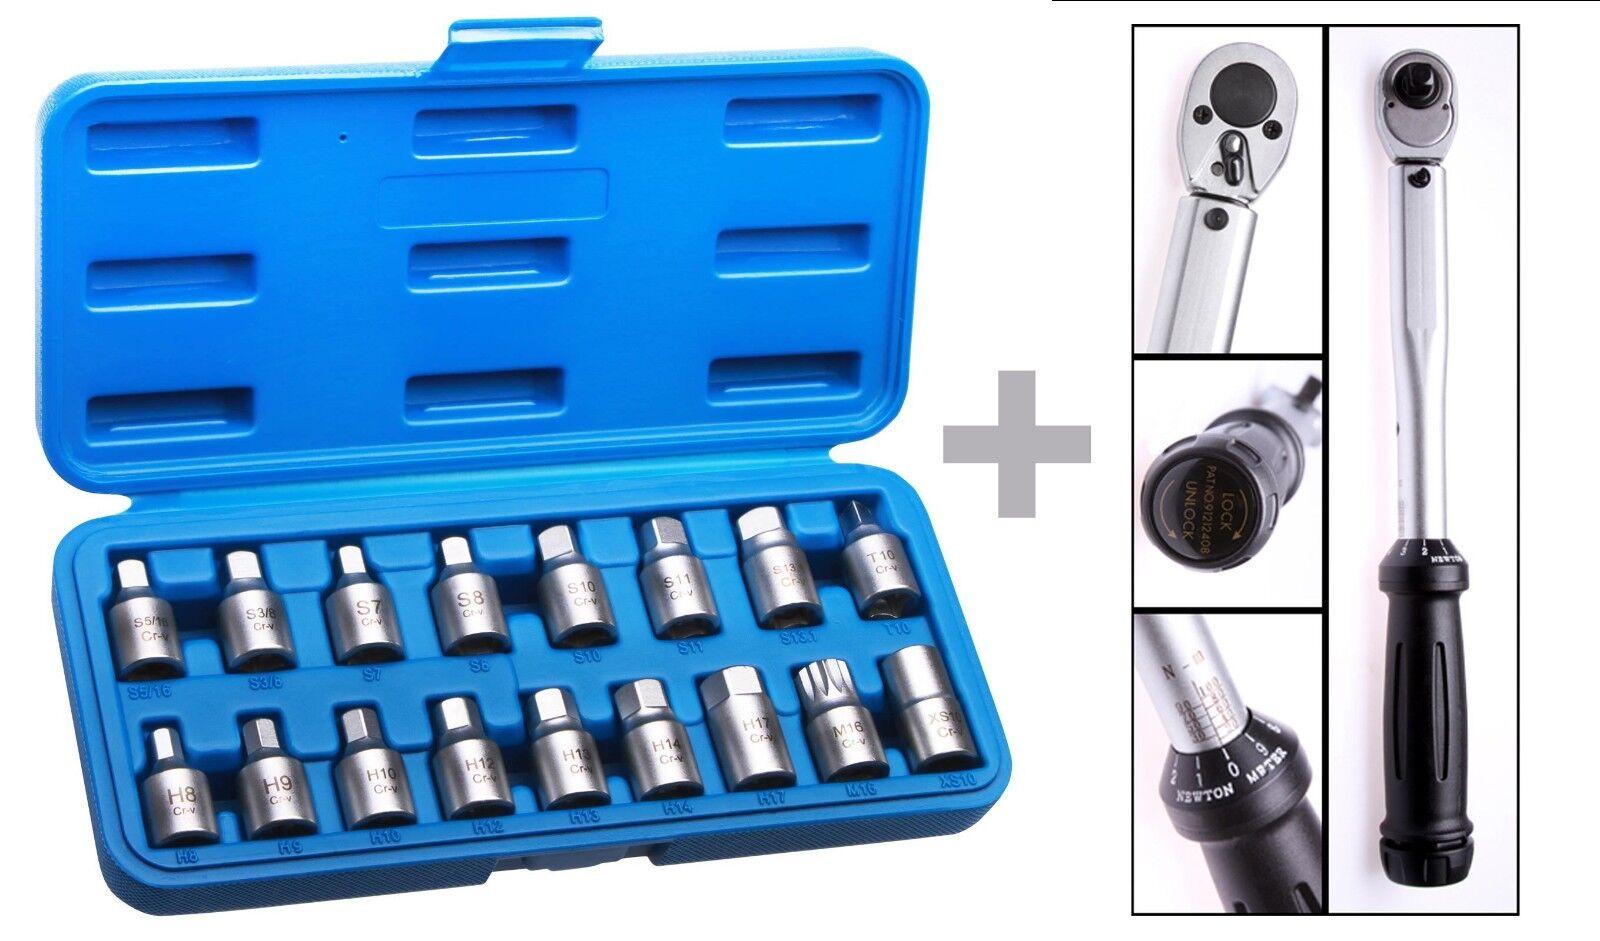 Douilles pour bouchons de vidange 3 8  + Clé dynamométrique 20-100 NM 3 8